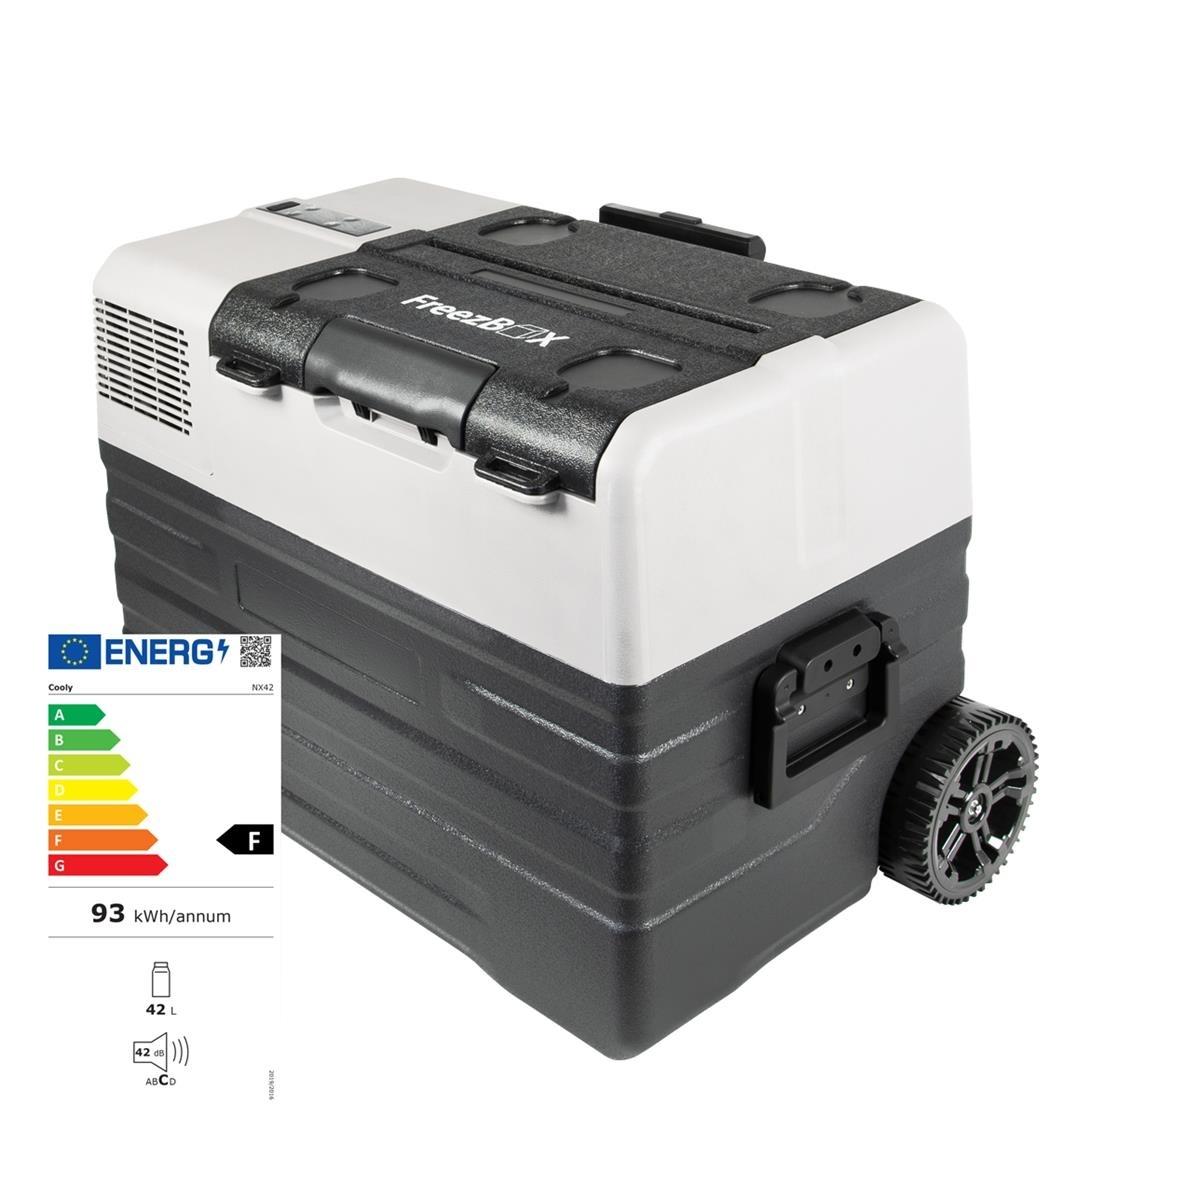 Horntools Koelbox FreezBox 52 L met wielen Compressor koelkast